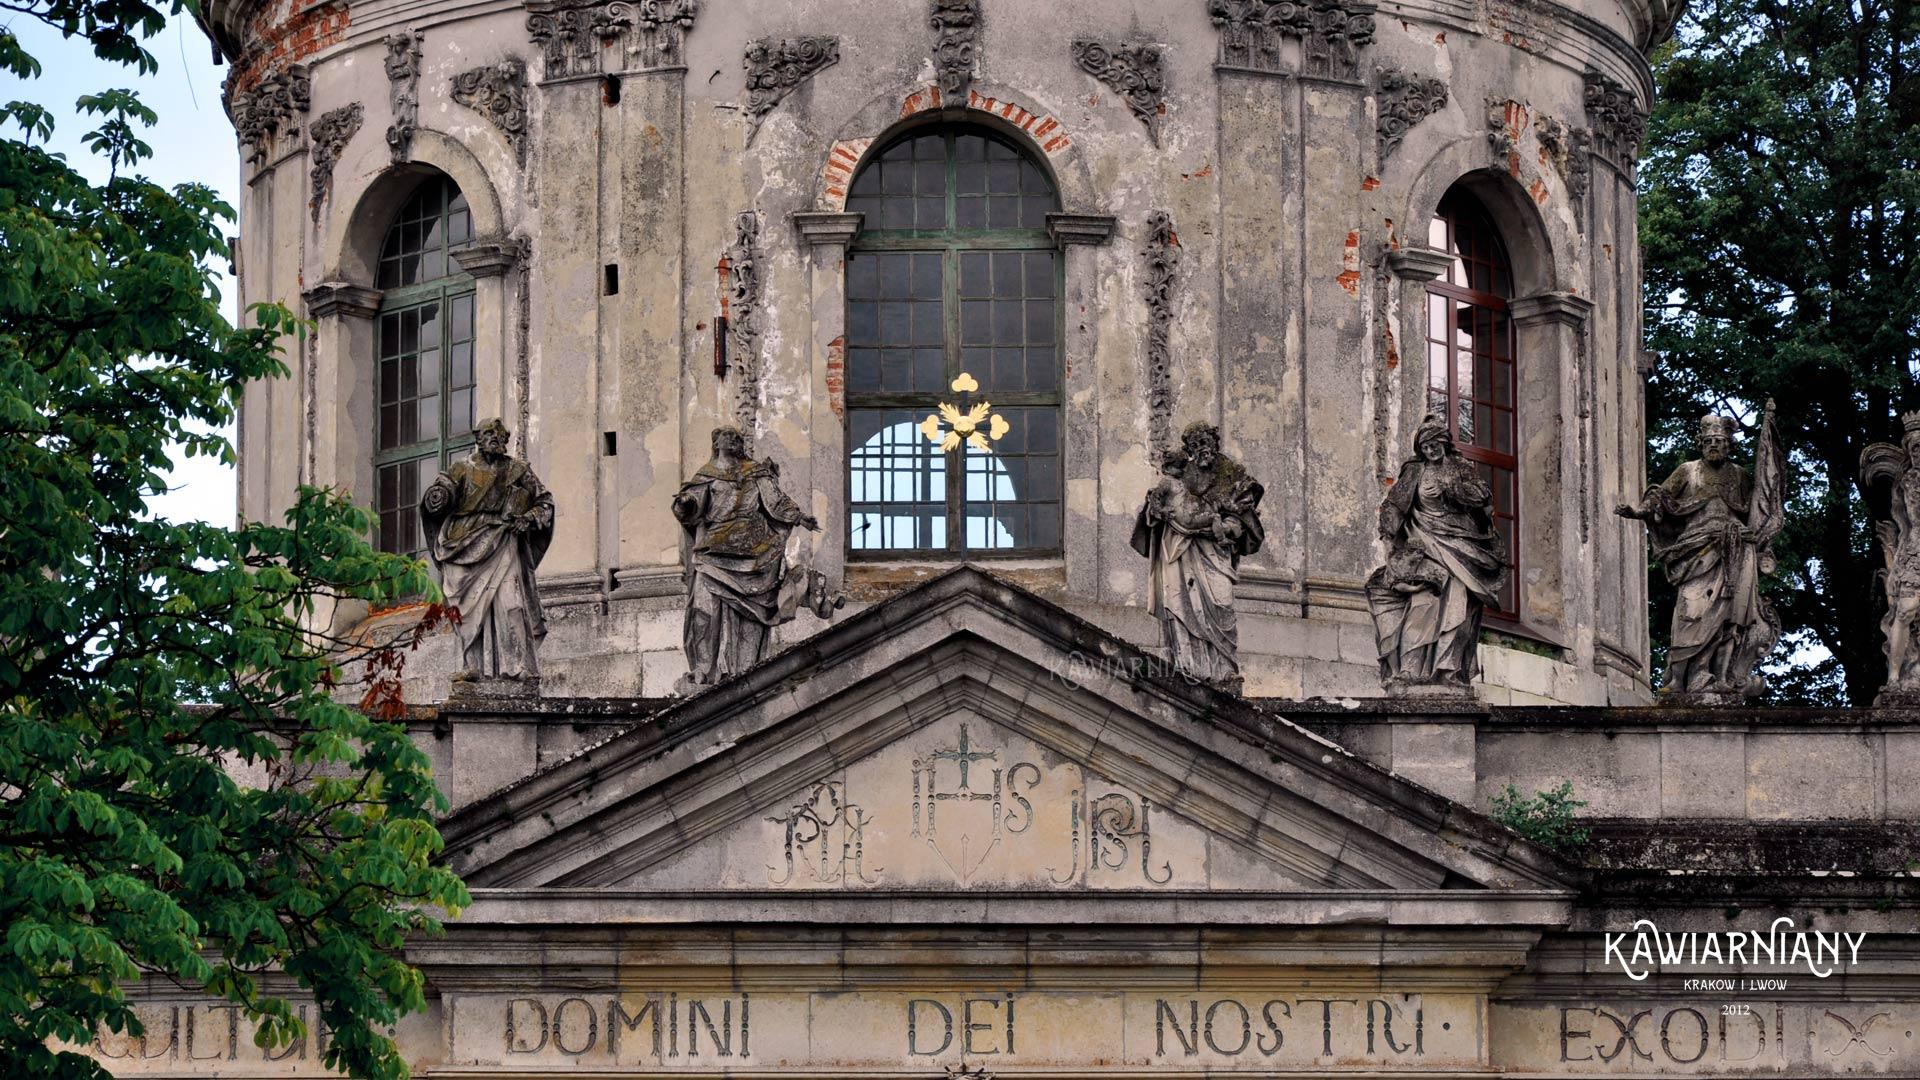 Zamkowy Kościół pw. św. Józefa i Podwyższenia Krzyża Świętego w Podhorcach